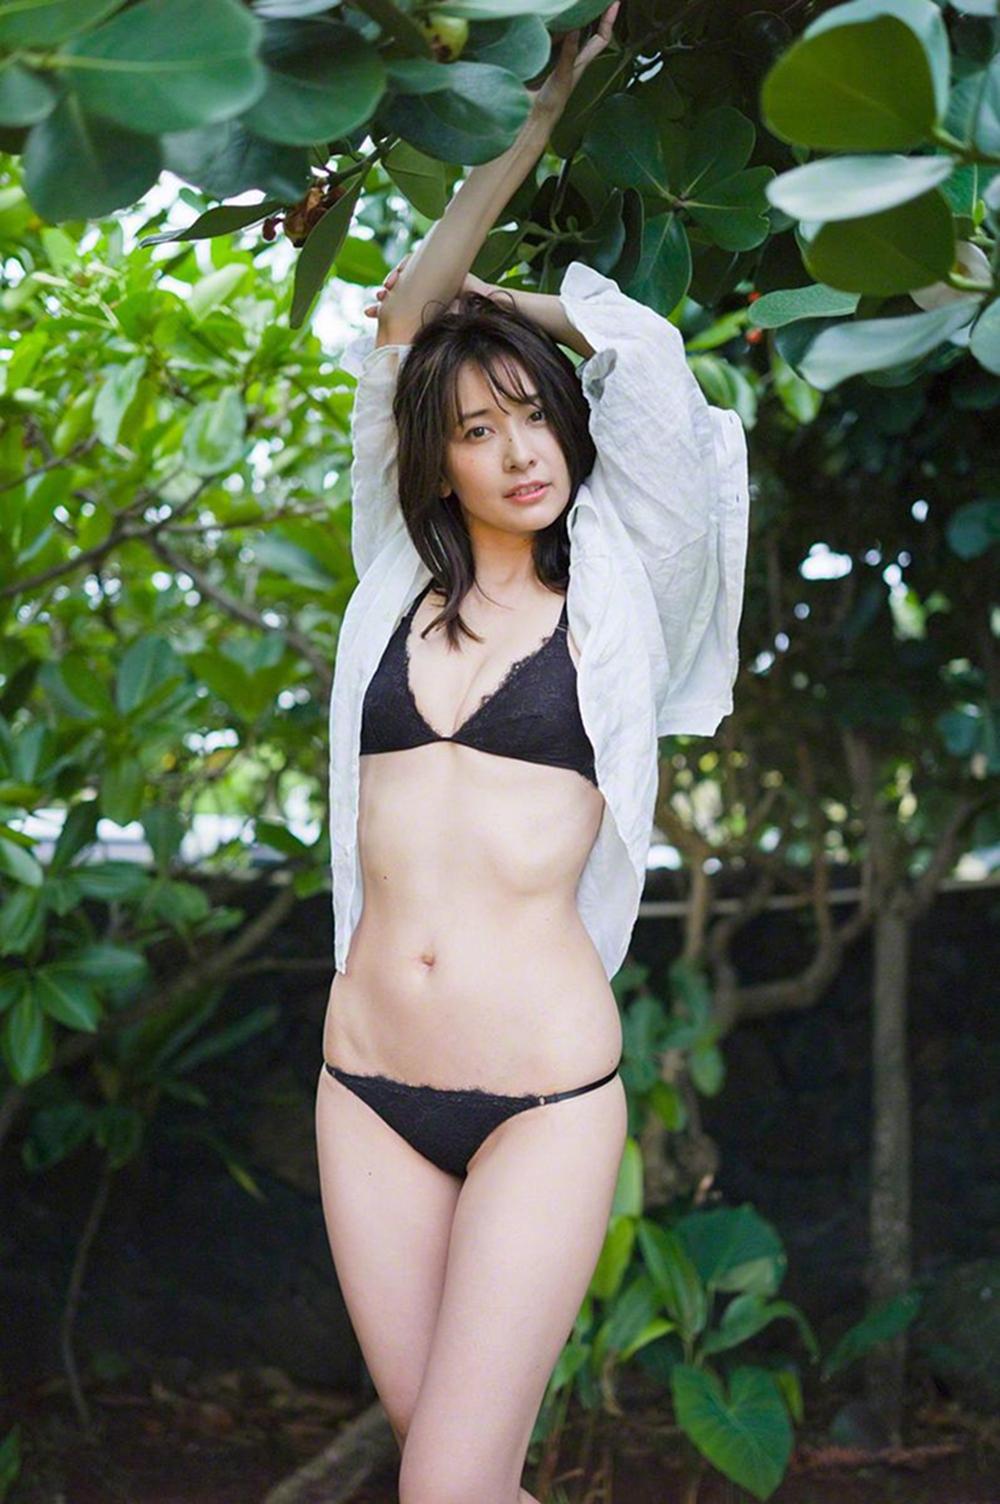 山崎真实写真,来自日本体操美女的性感